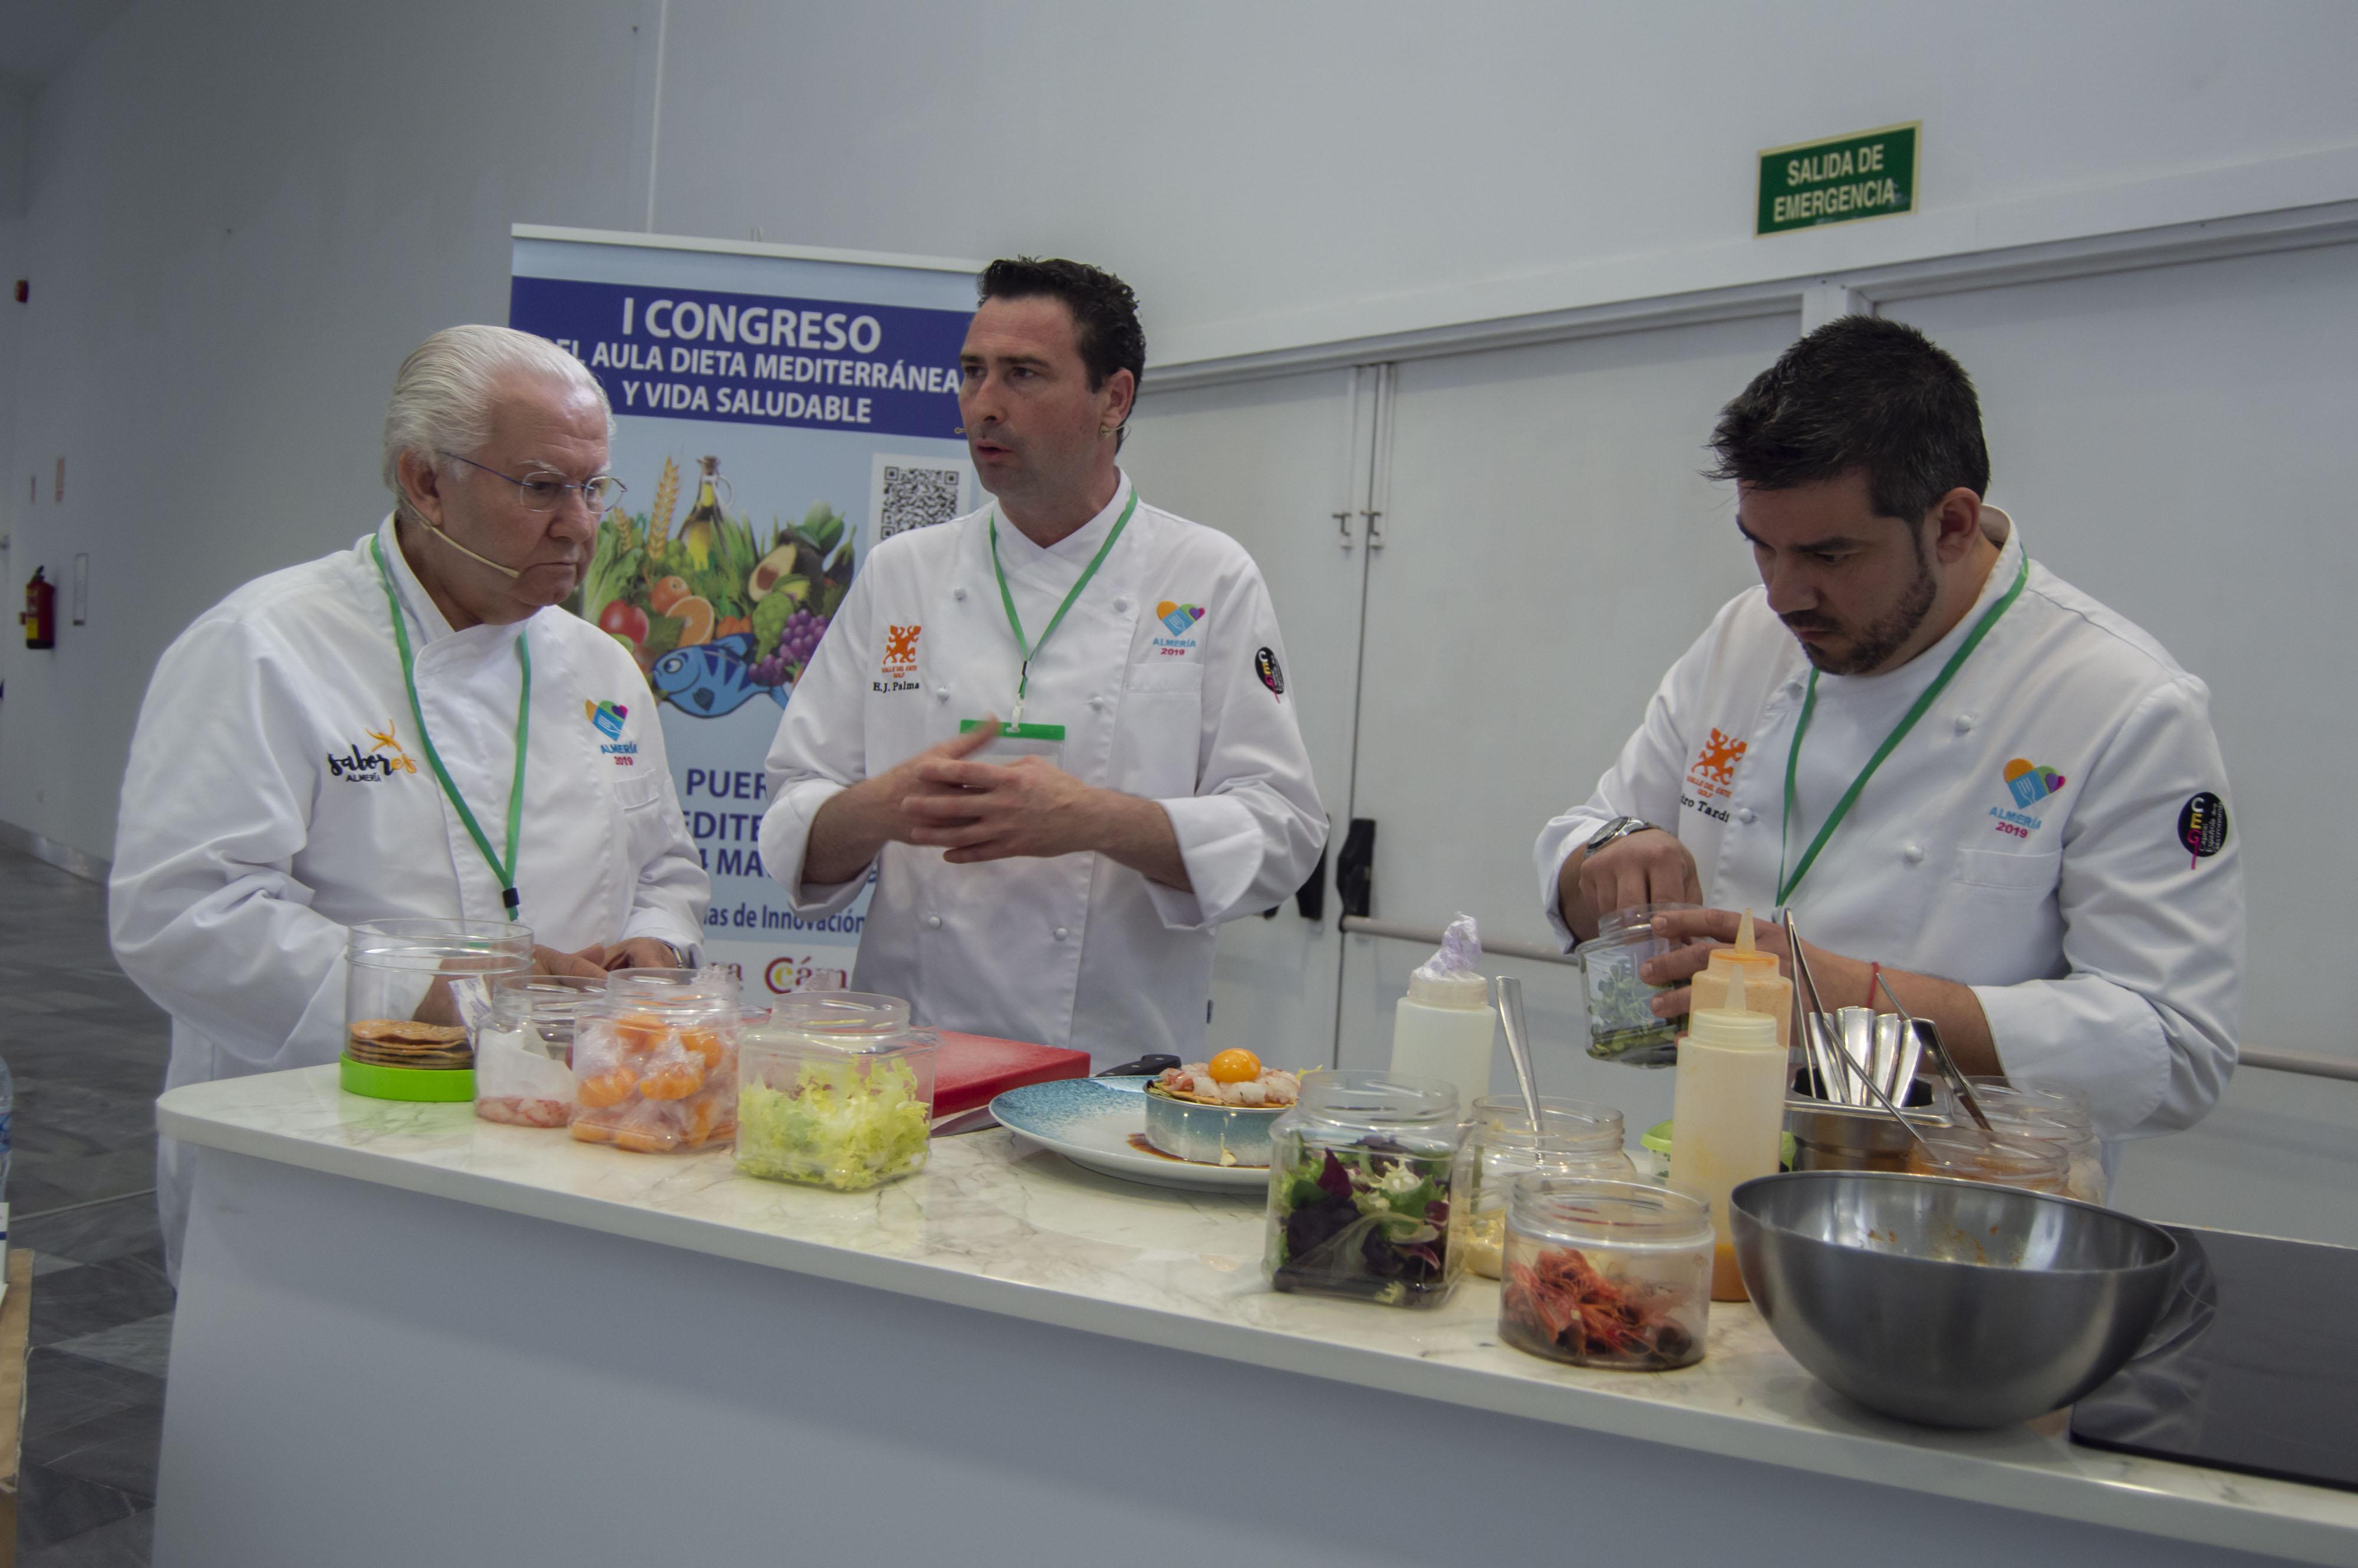 El Congreso de la Dieta Mediterránea pone en valor la gastronomía almeriense